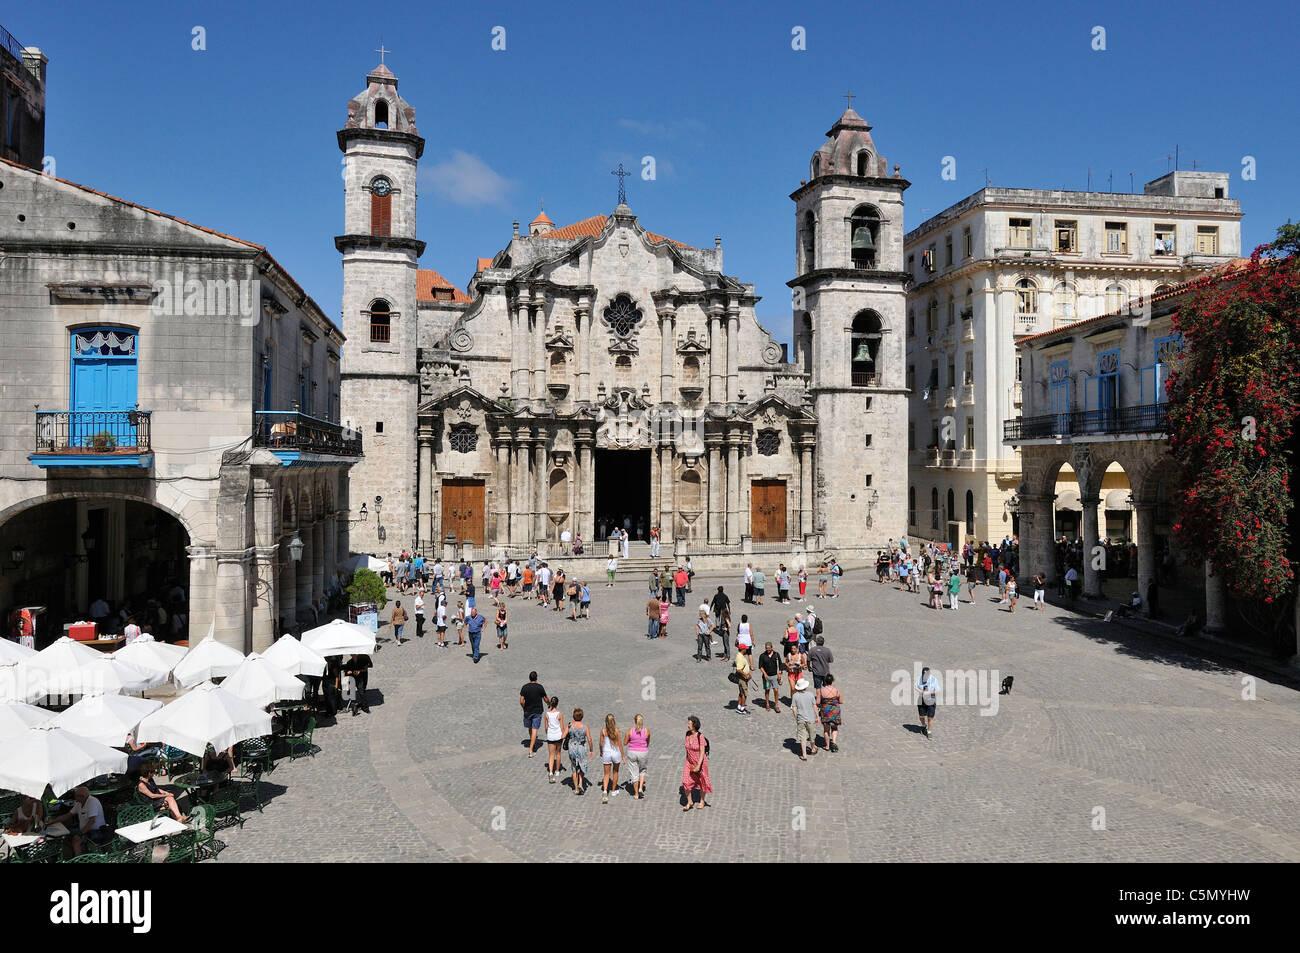 Havanna. Kuba. Habana Vieja / alte Havanna. Catedral De La Habana, Plaza De La Catedral. Stockbild